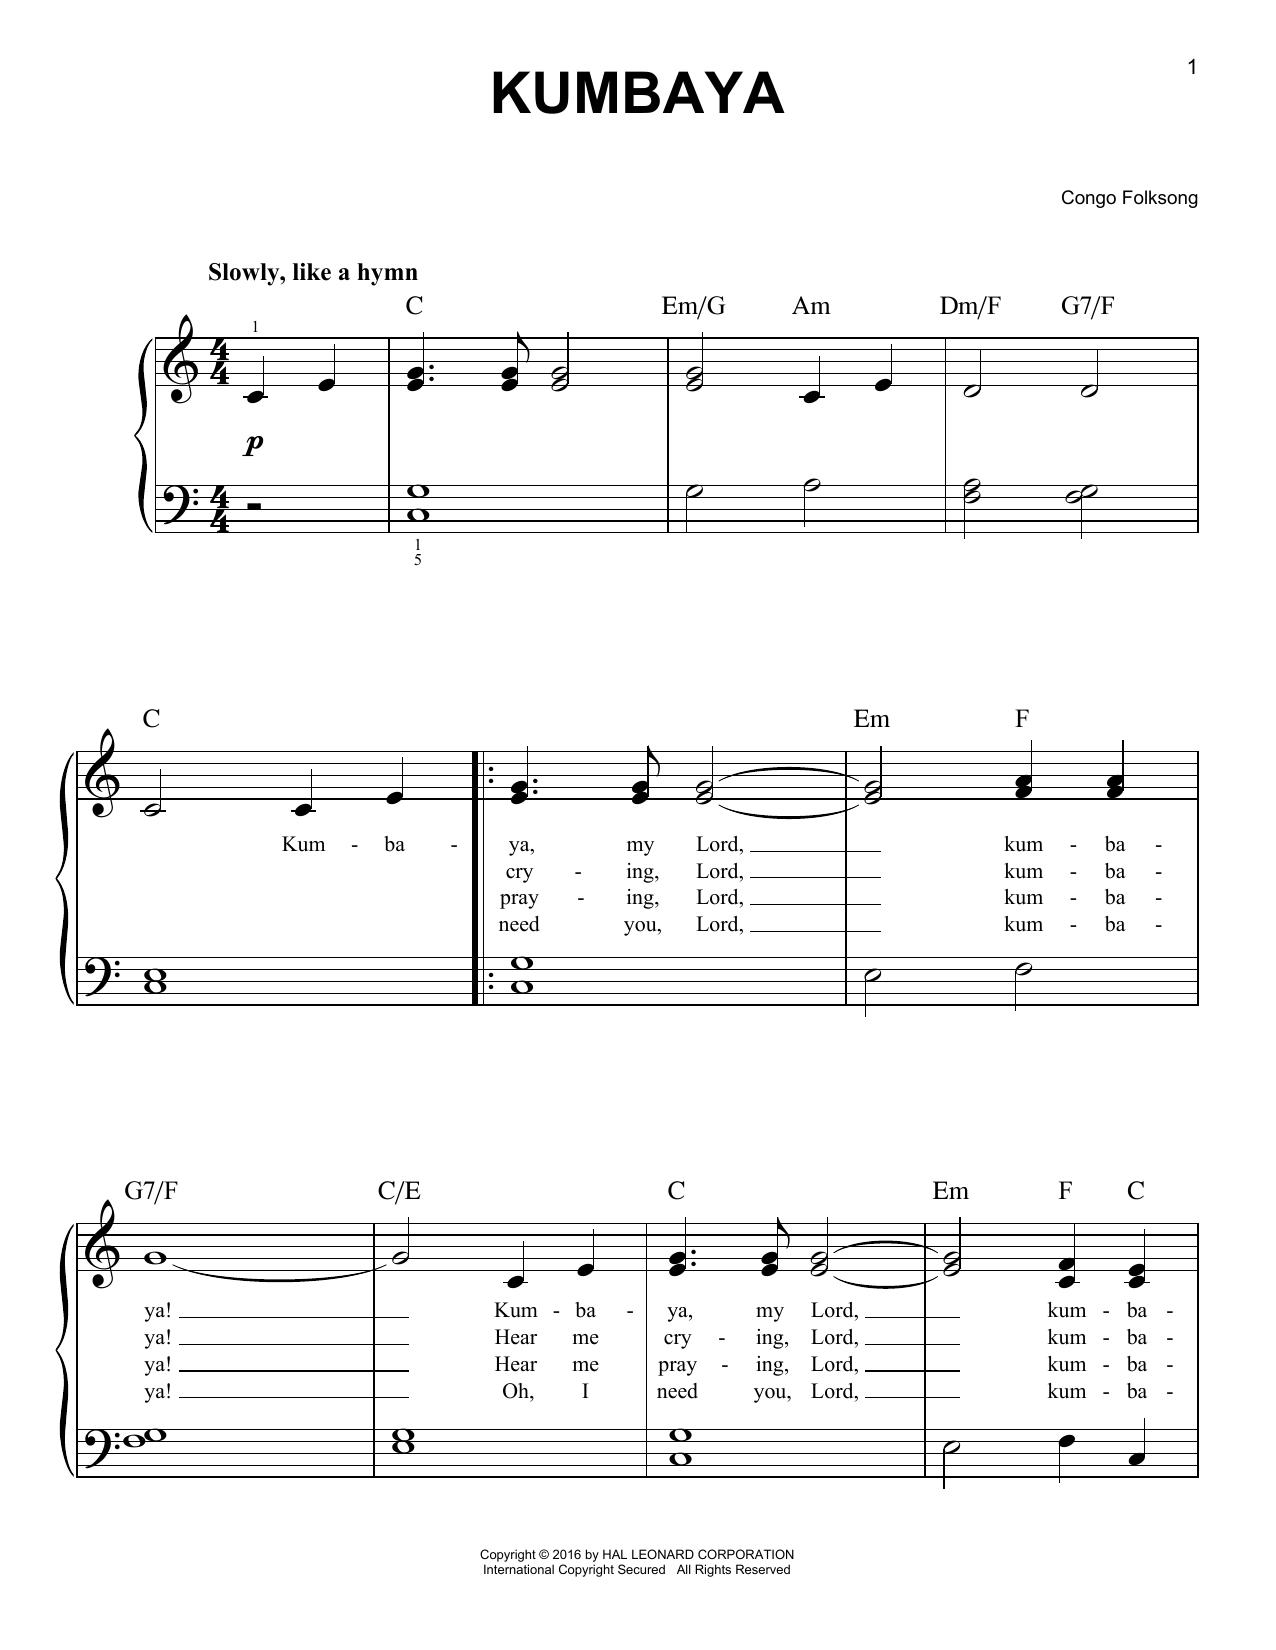 Congan Folksong - Kumbaya